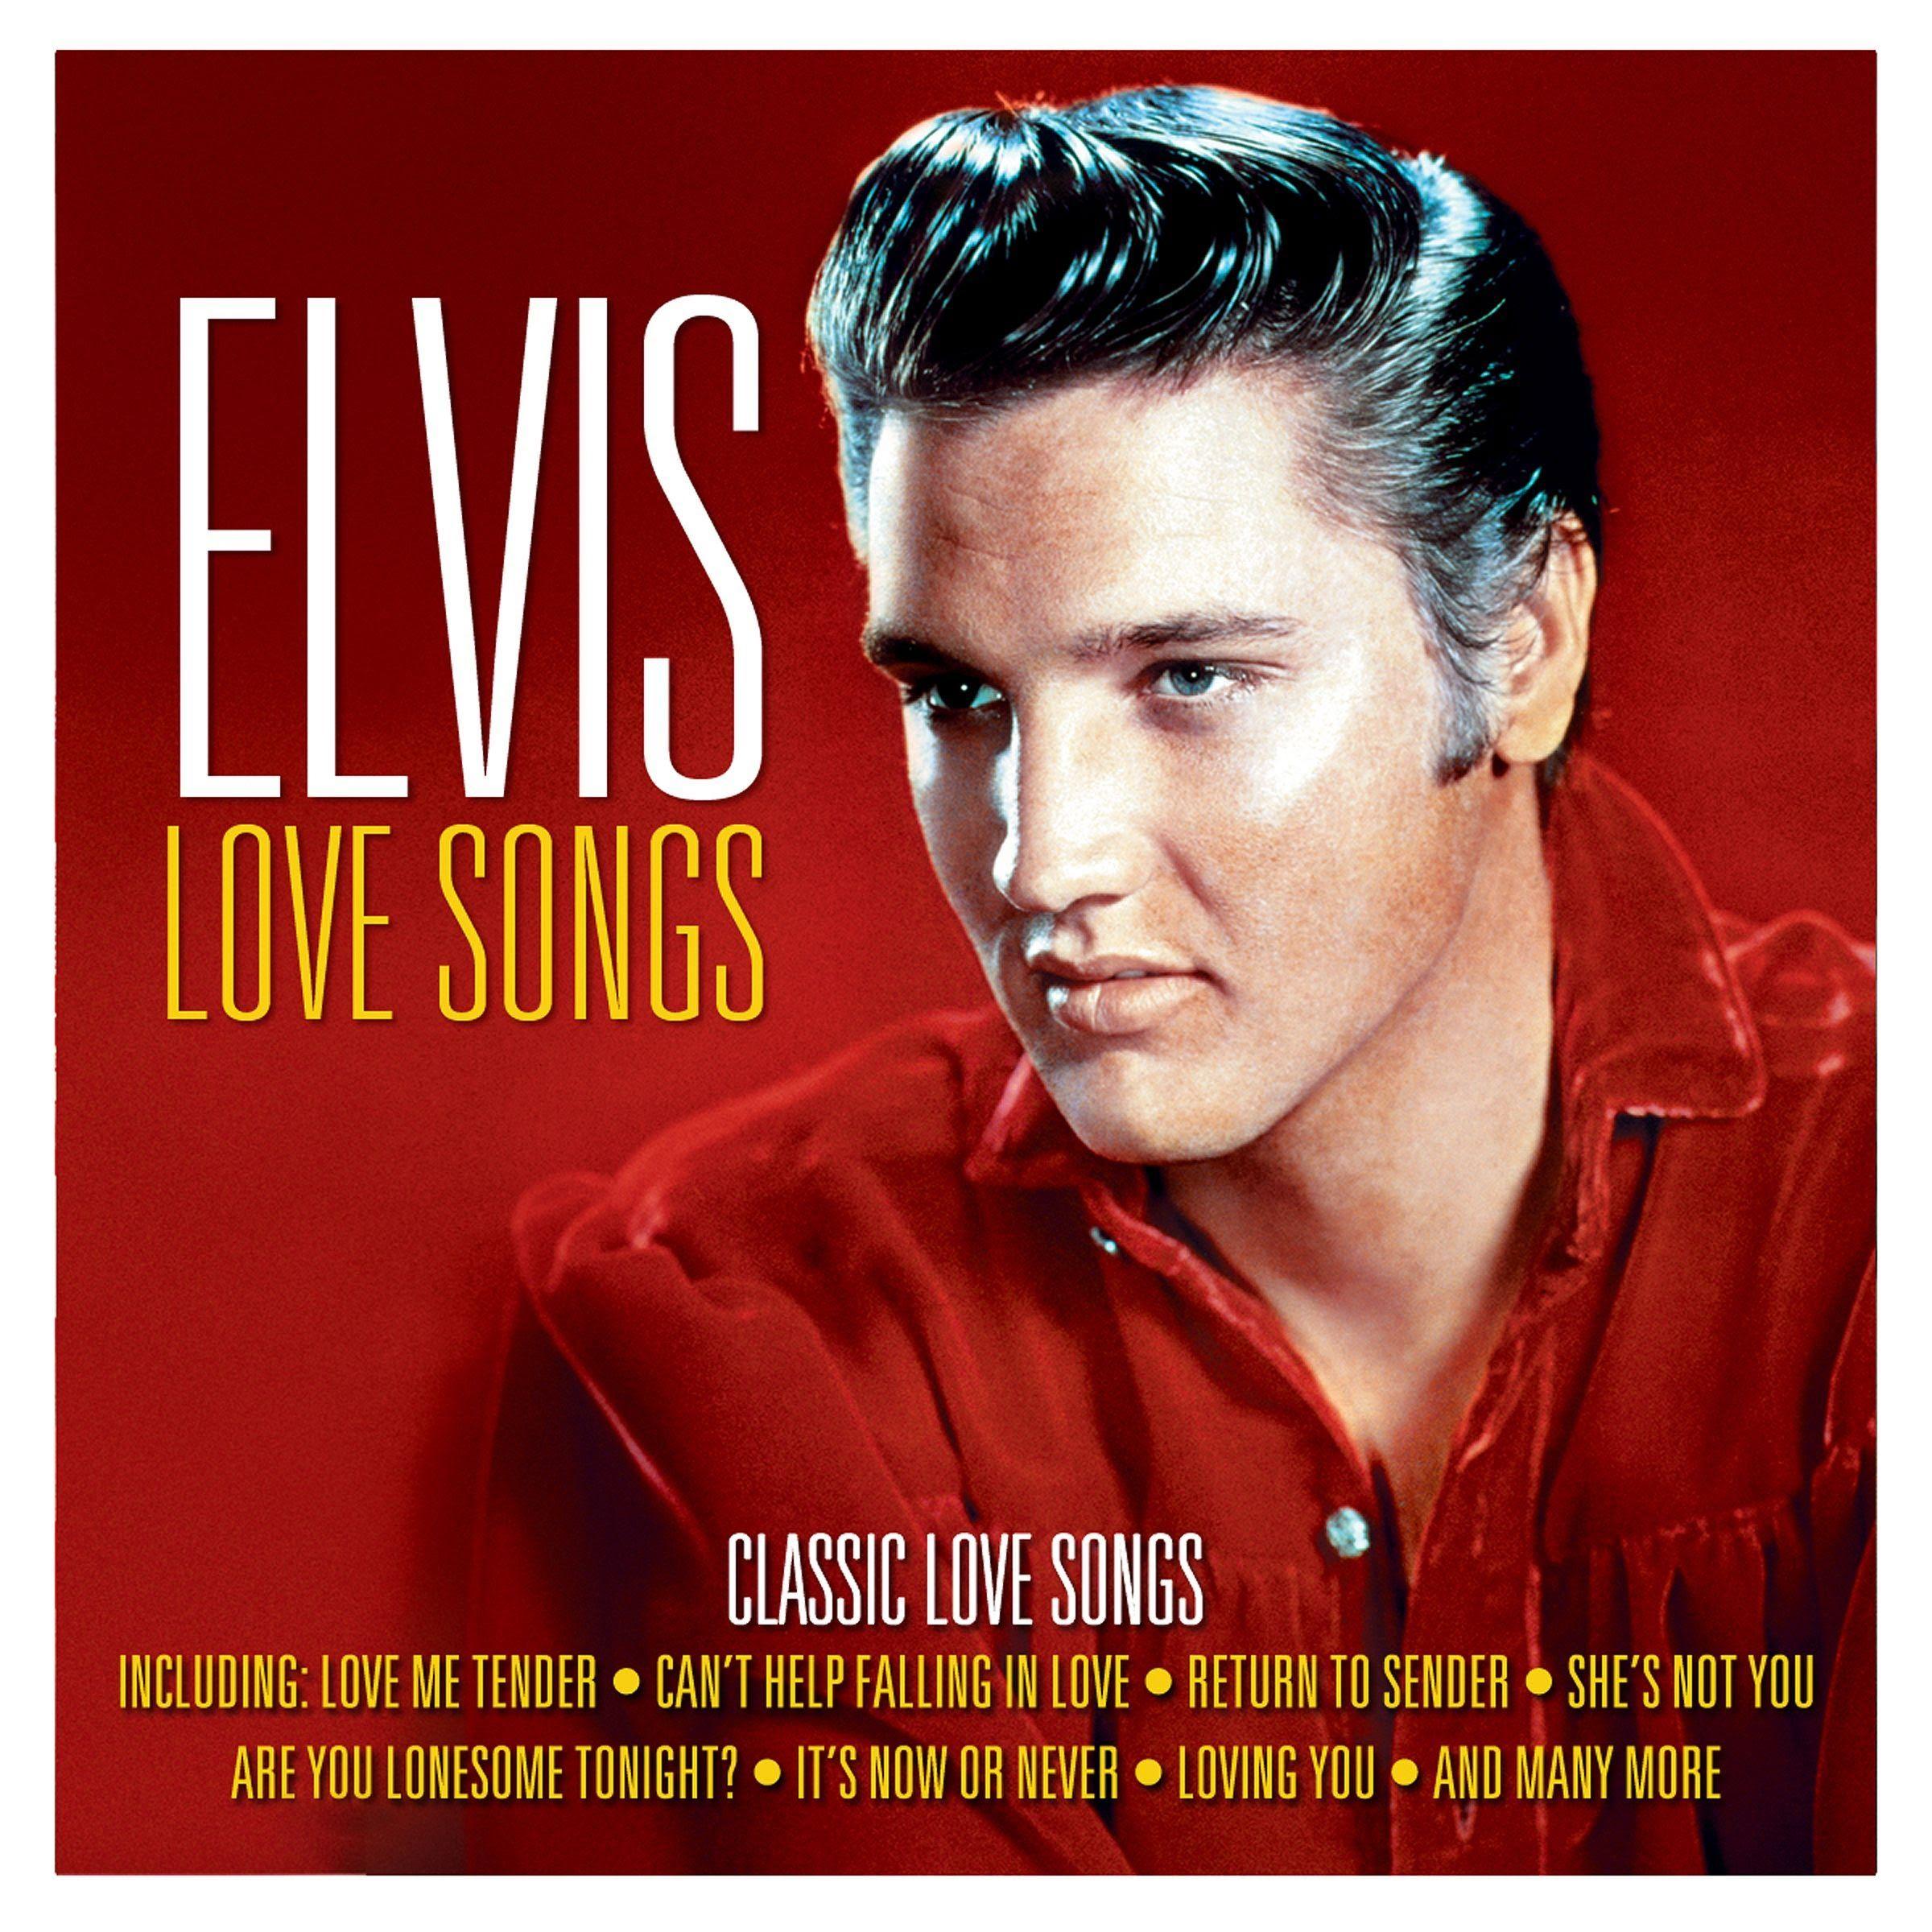 Elvis Presley Love Songs Released 20150612 on Not Now